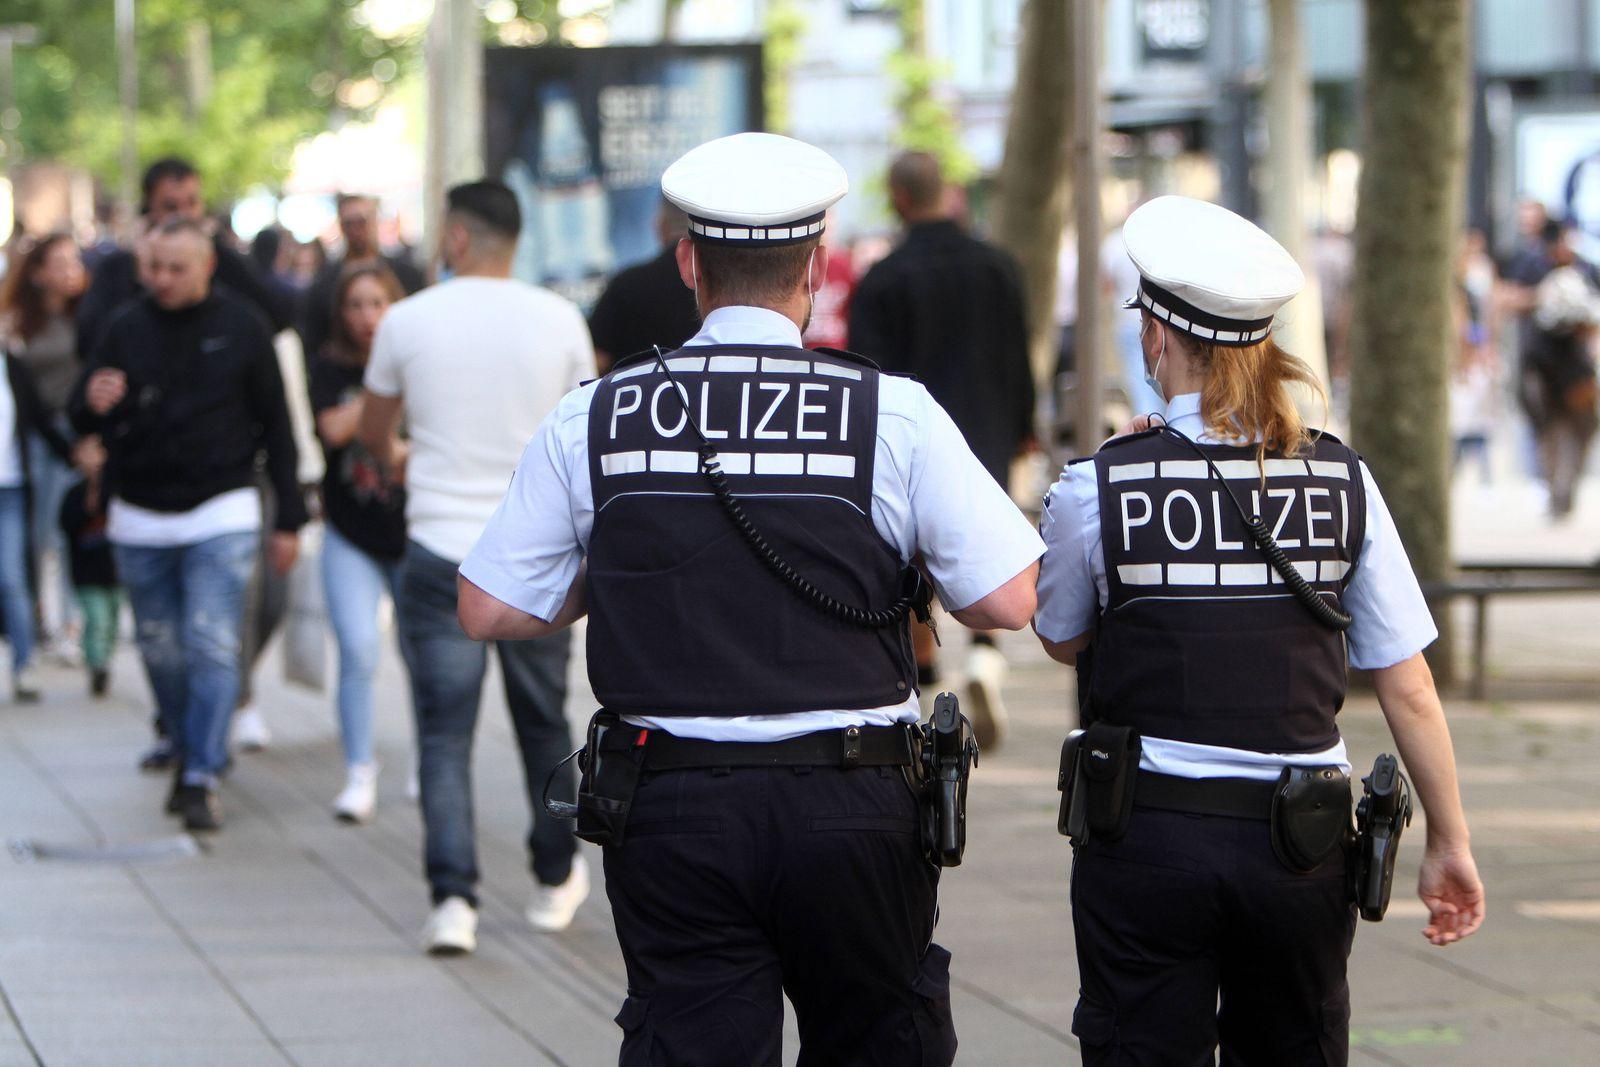 Eine Polizeistreife der Landespolizei Baden Württemberg kontrolliert anlässlich der Coronakrise die Einhaltung der Konta